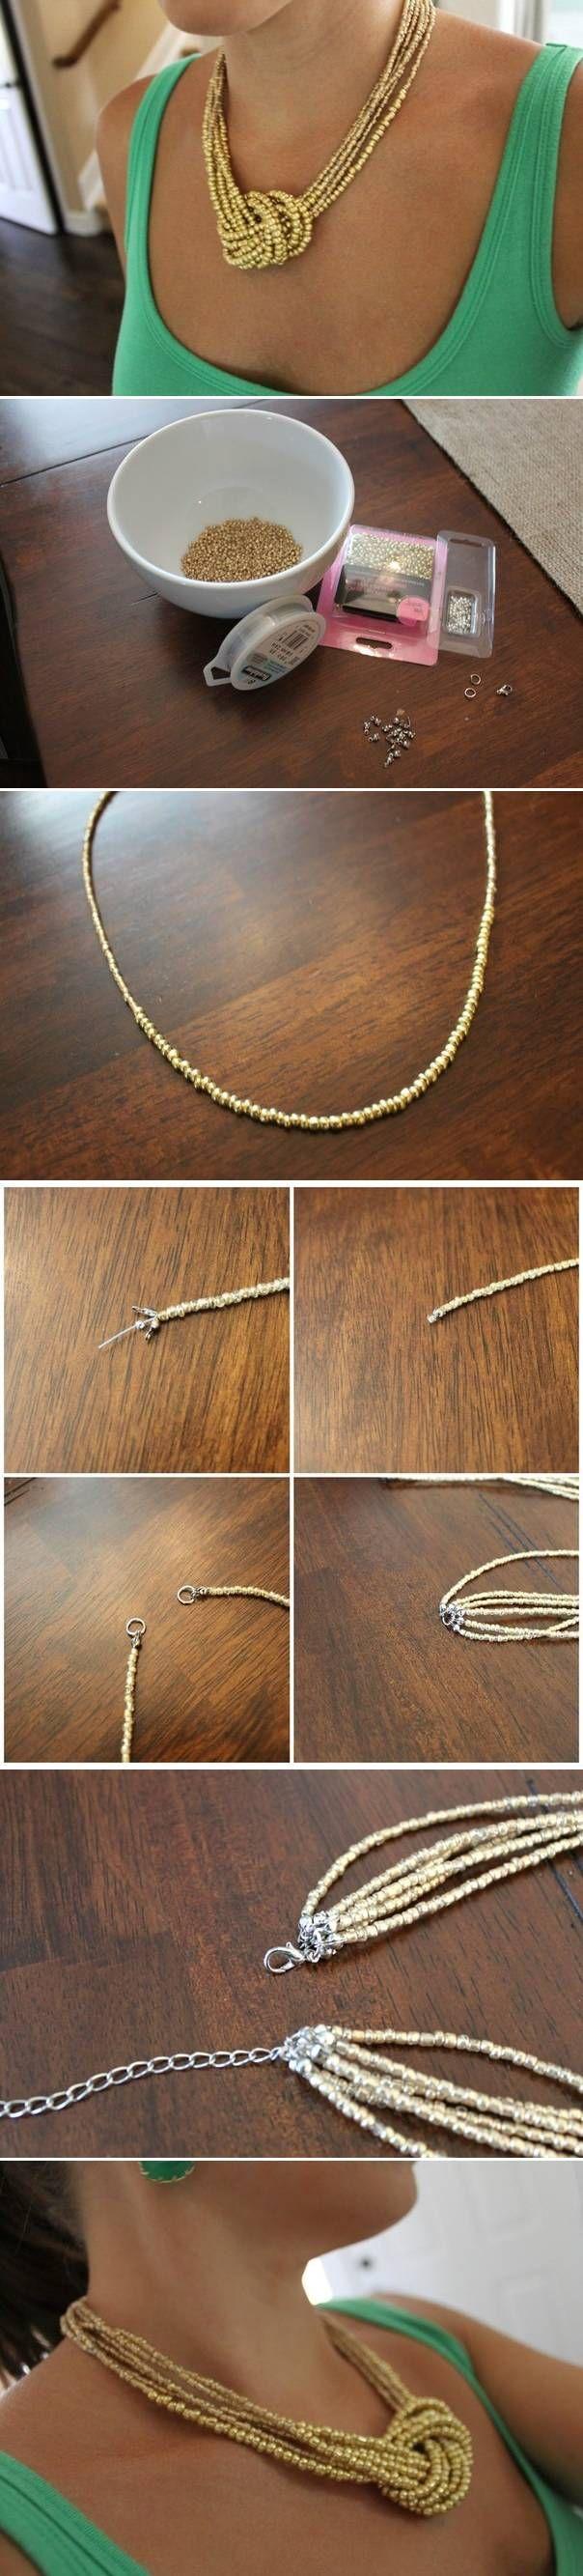 DIY collar sencillo                                                                                                                                                                                 Más